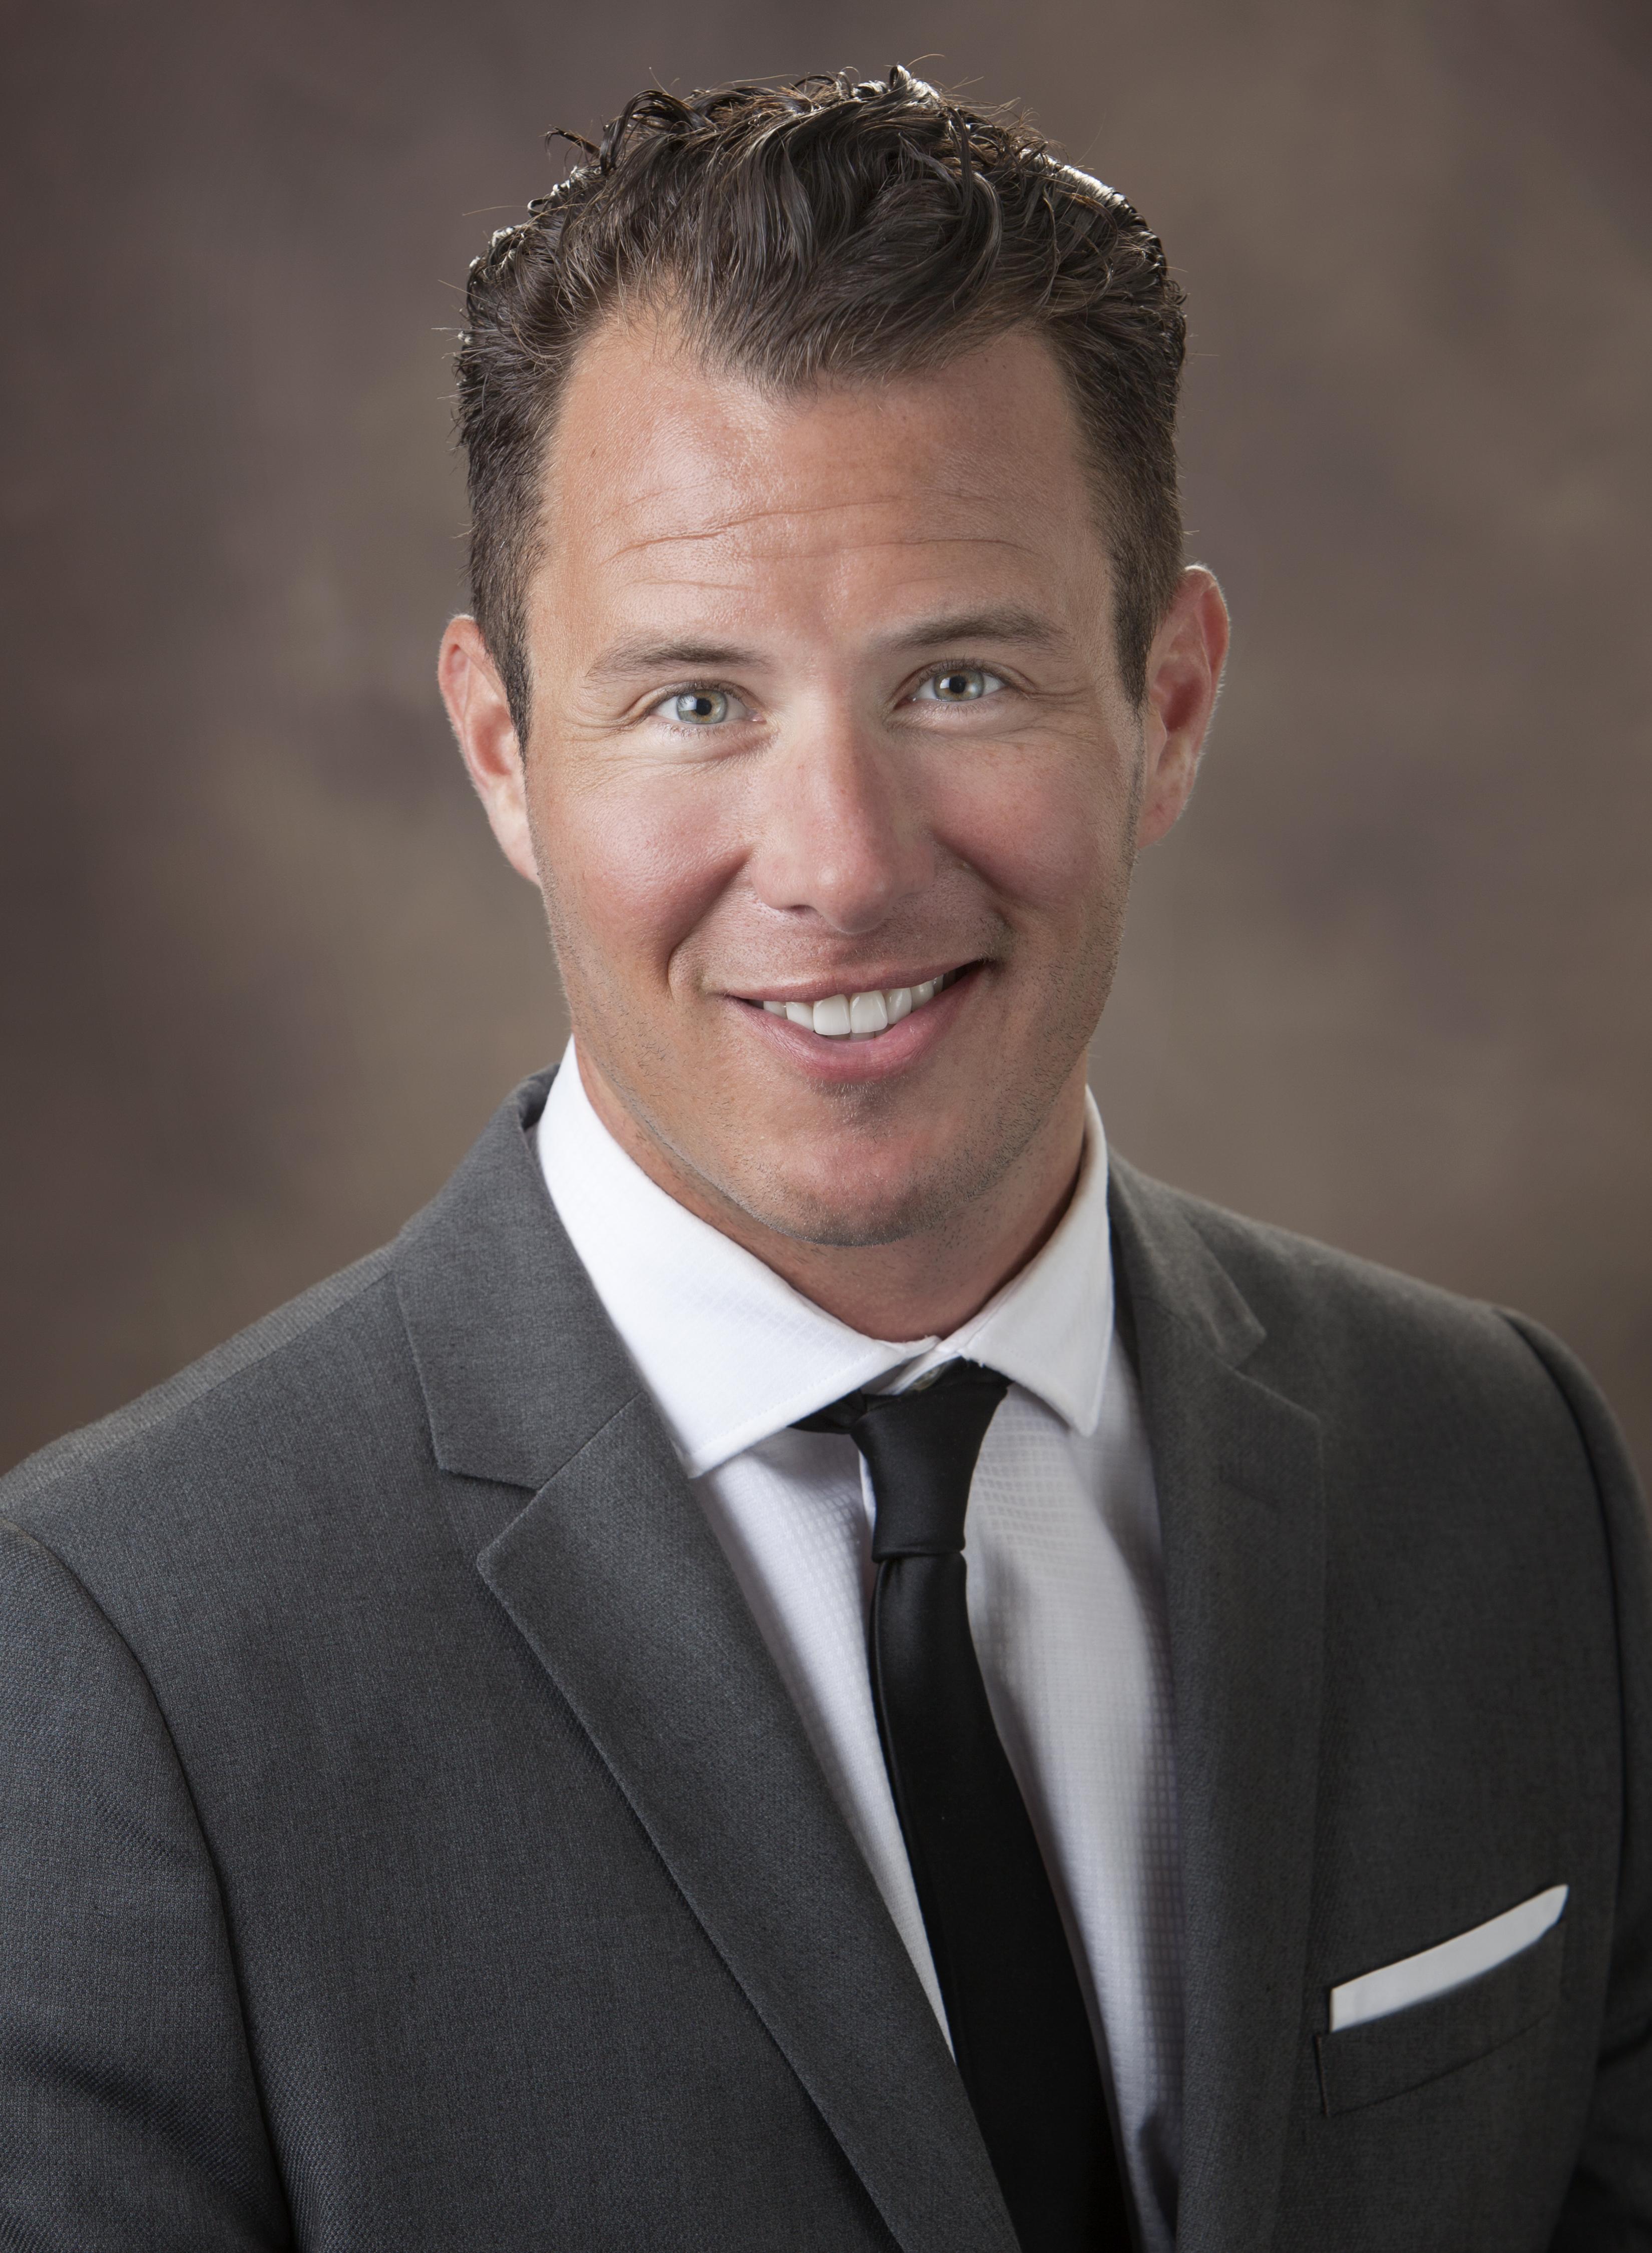 Ryan Rauner